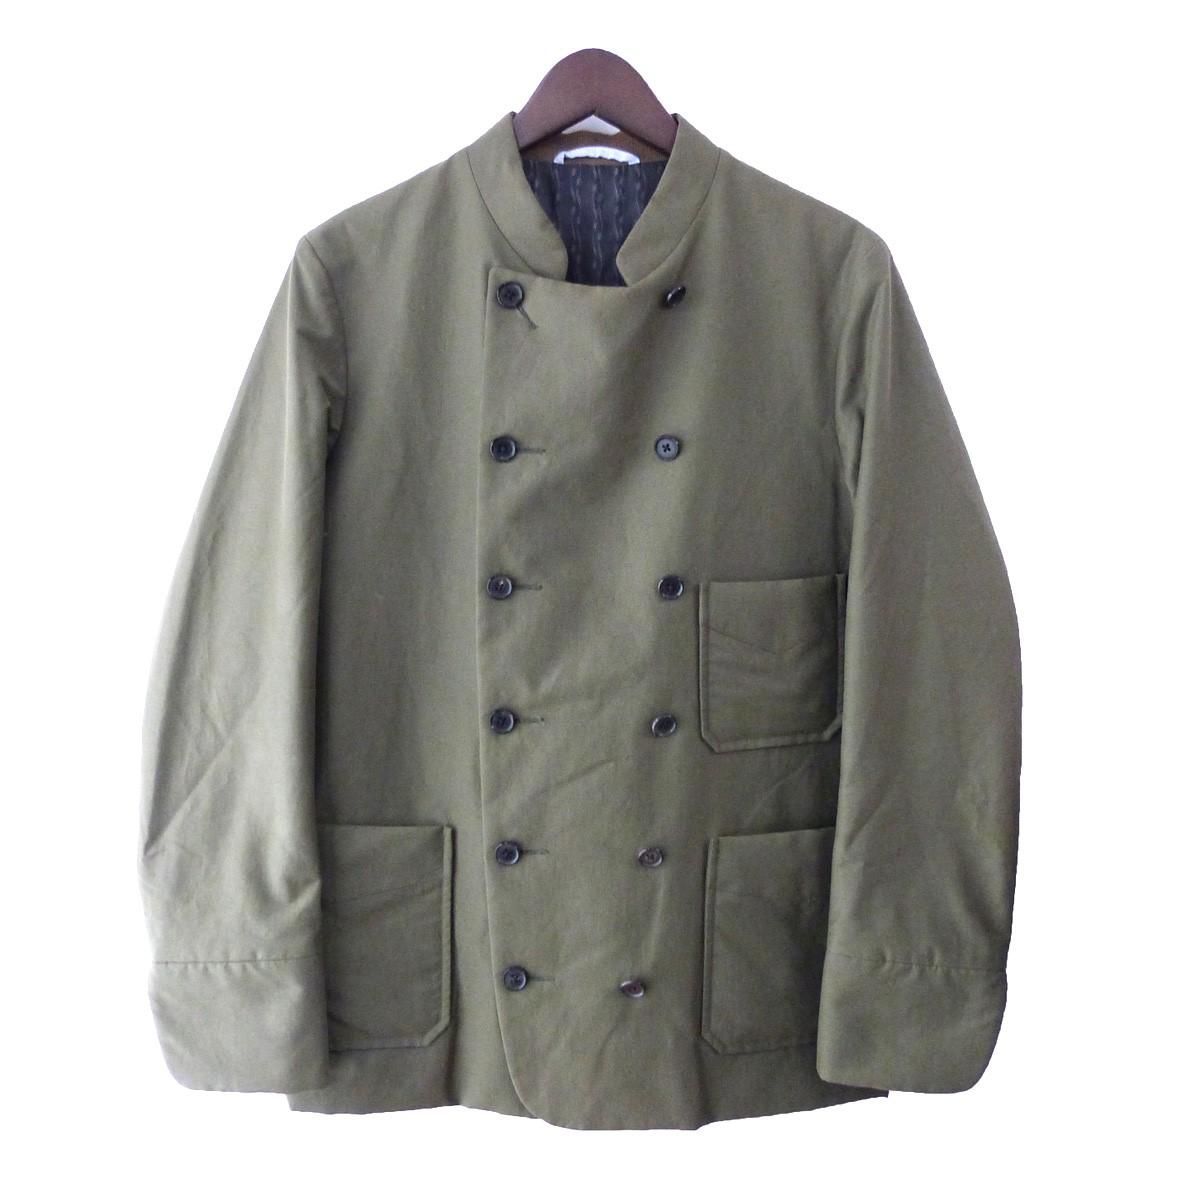 【中古】kenneth field 「Cook Jacket」 コックジャケット オリーブ サイズ:S 【151219】(ケネスフィールド)